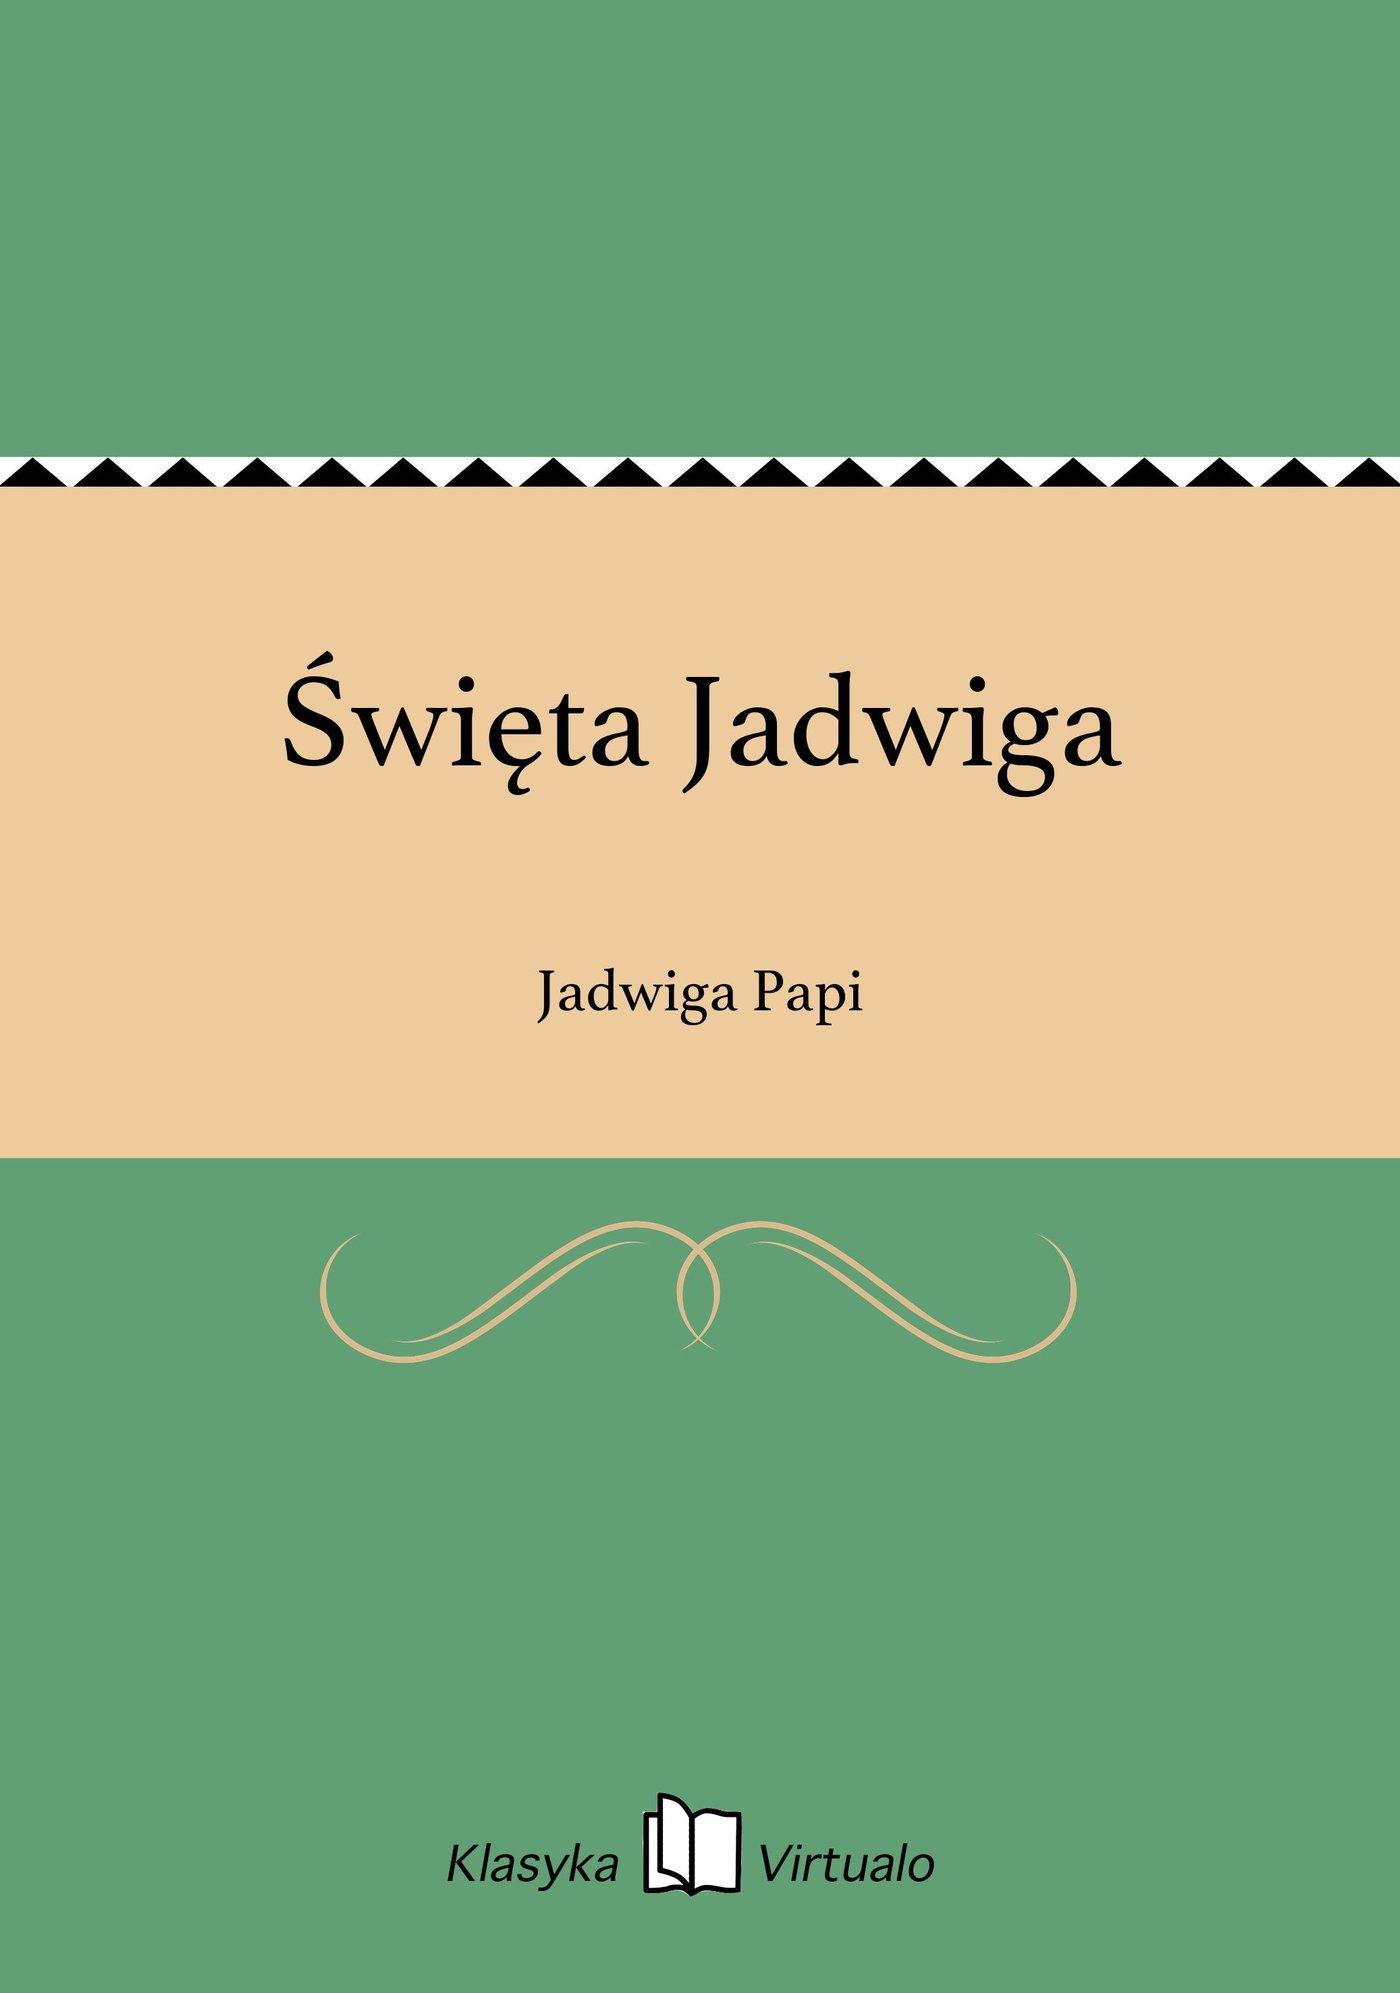 Święta Jadwiga - Ebook (Książka EPUB) do pobrania w formacie EPUB